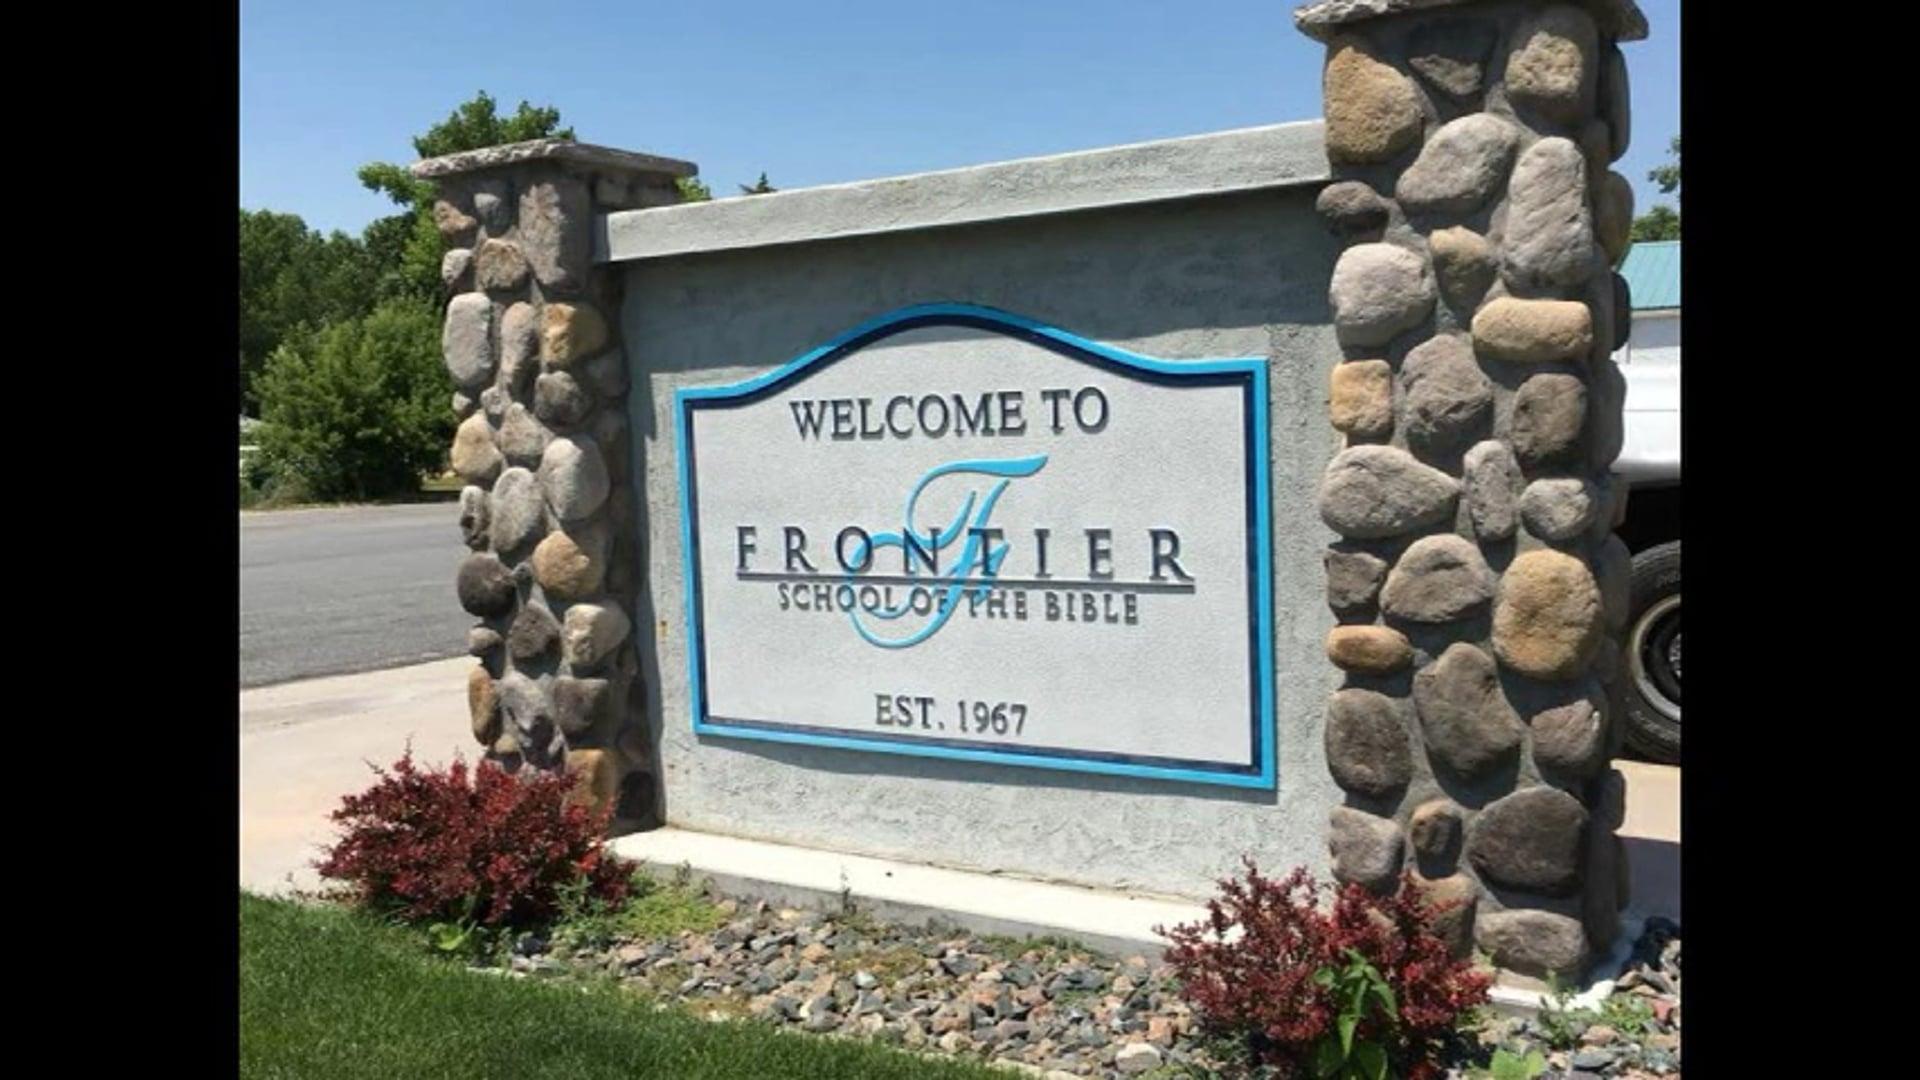 Frontier School of the Bible